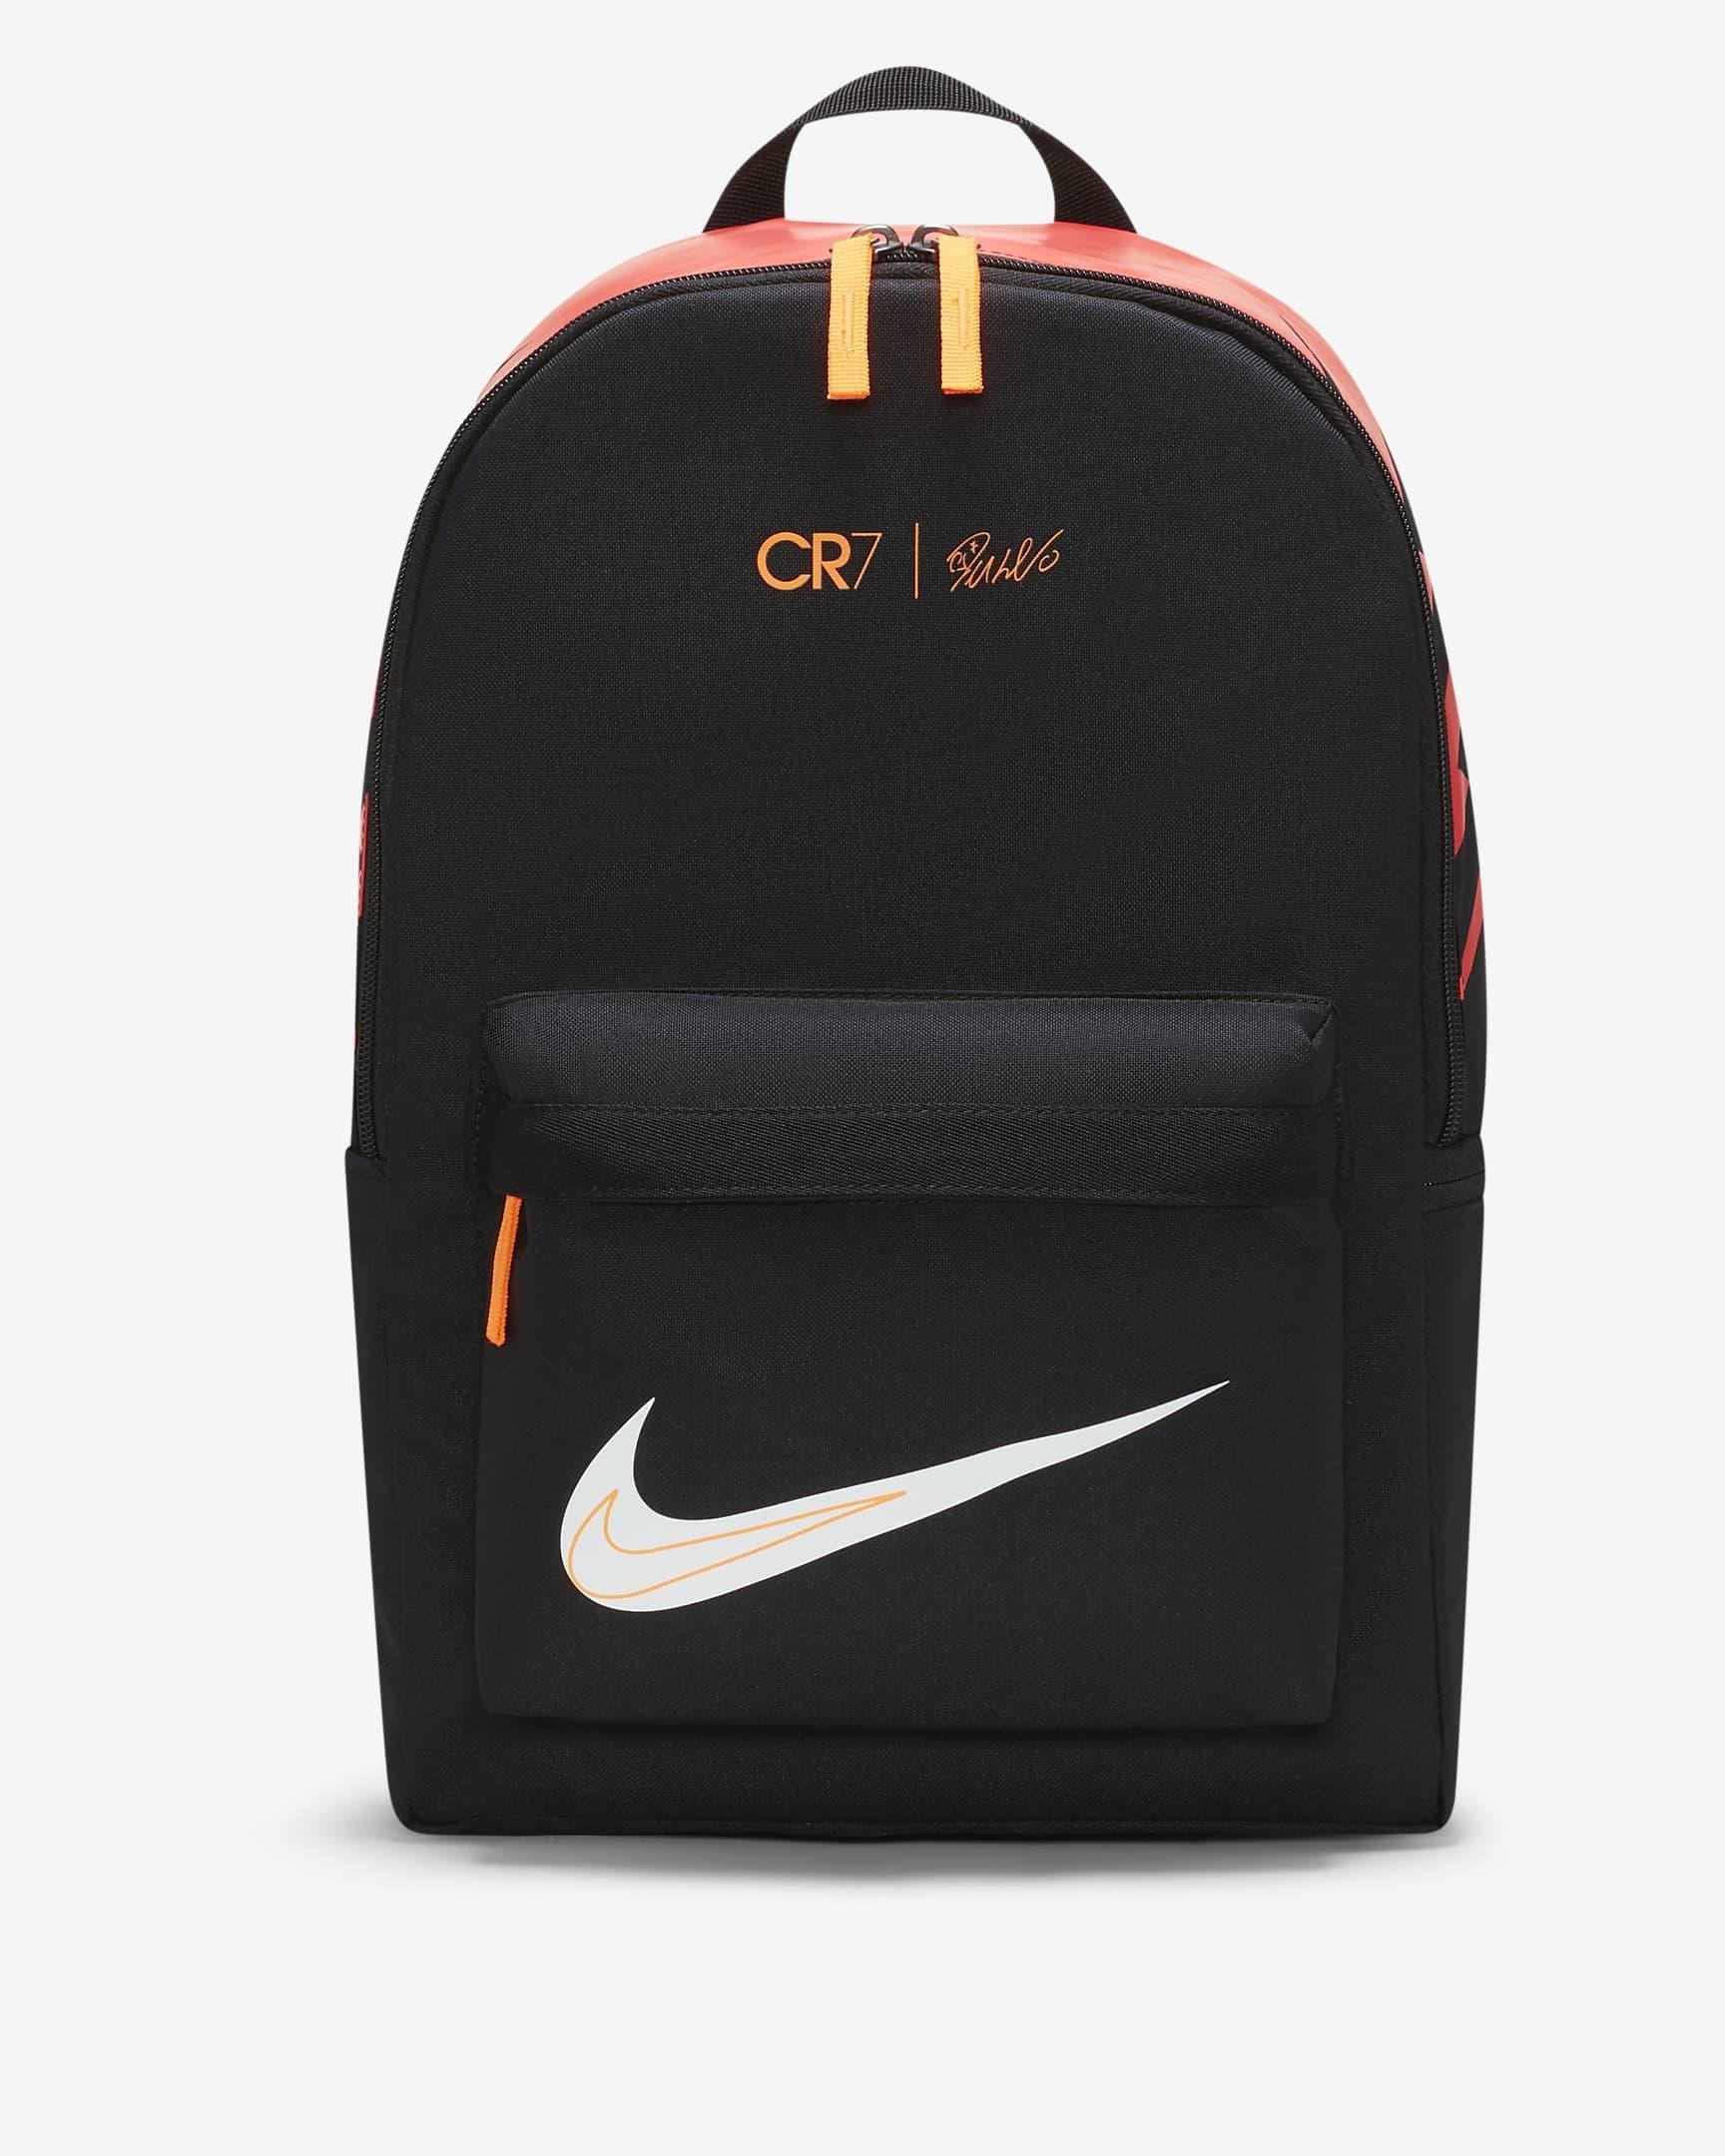 CR7 Çocuk Siyah Futbol Sırt Çantası (DA7258-010)